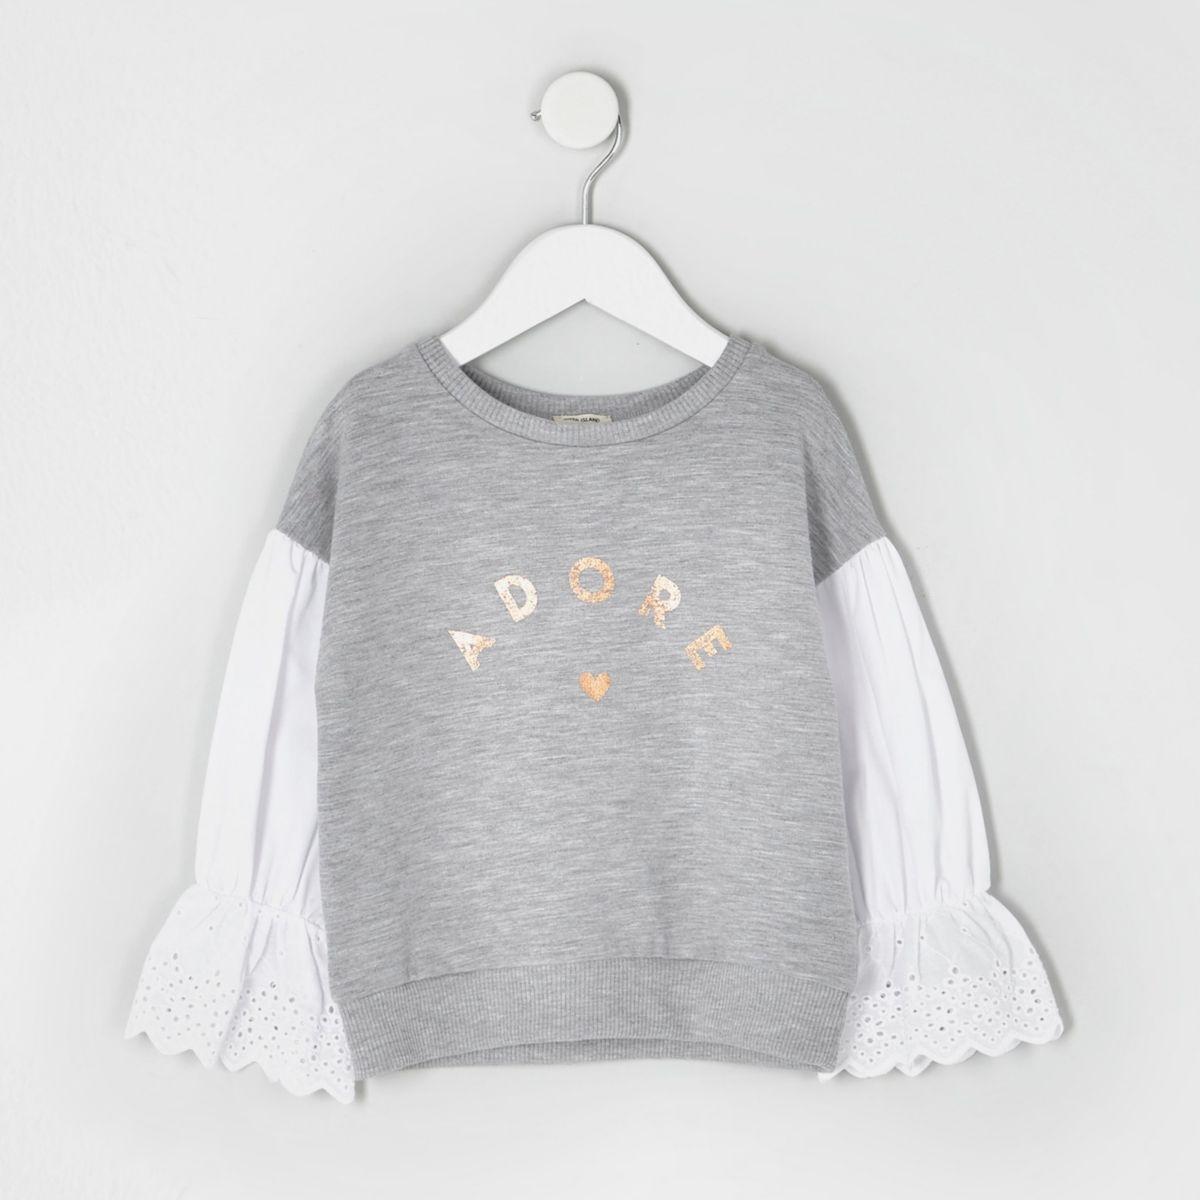 Graues, meliertes Sweatshirt mit Popelin-Ärmeln